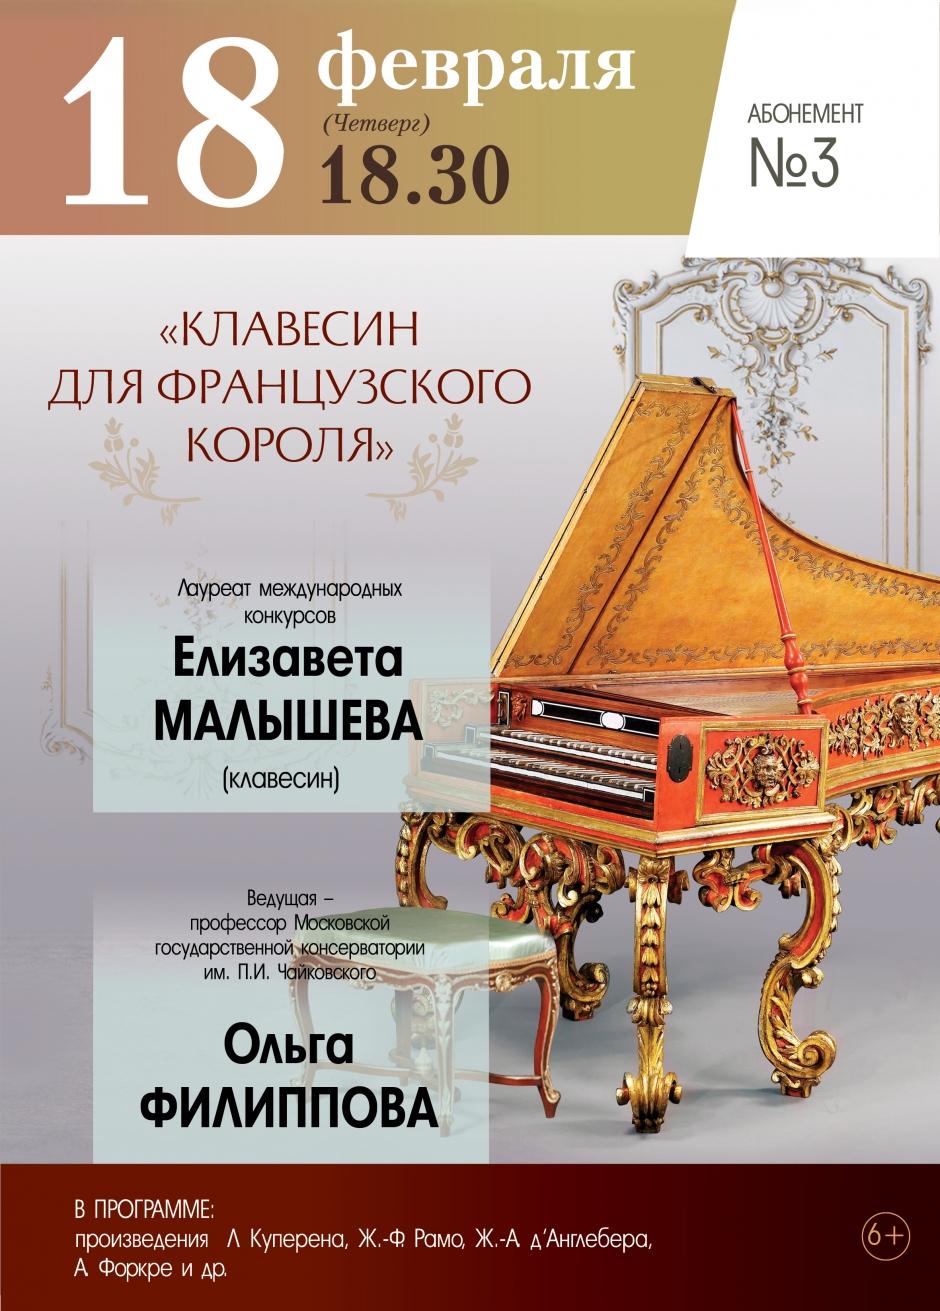 В Тверской филармонии выступит Елизавета Малышева с программой  «Клавесин для французского короля»